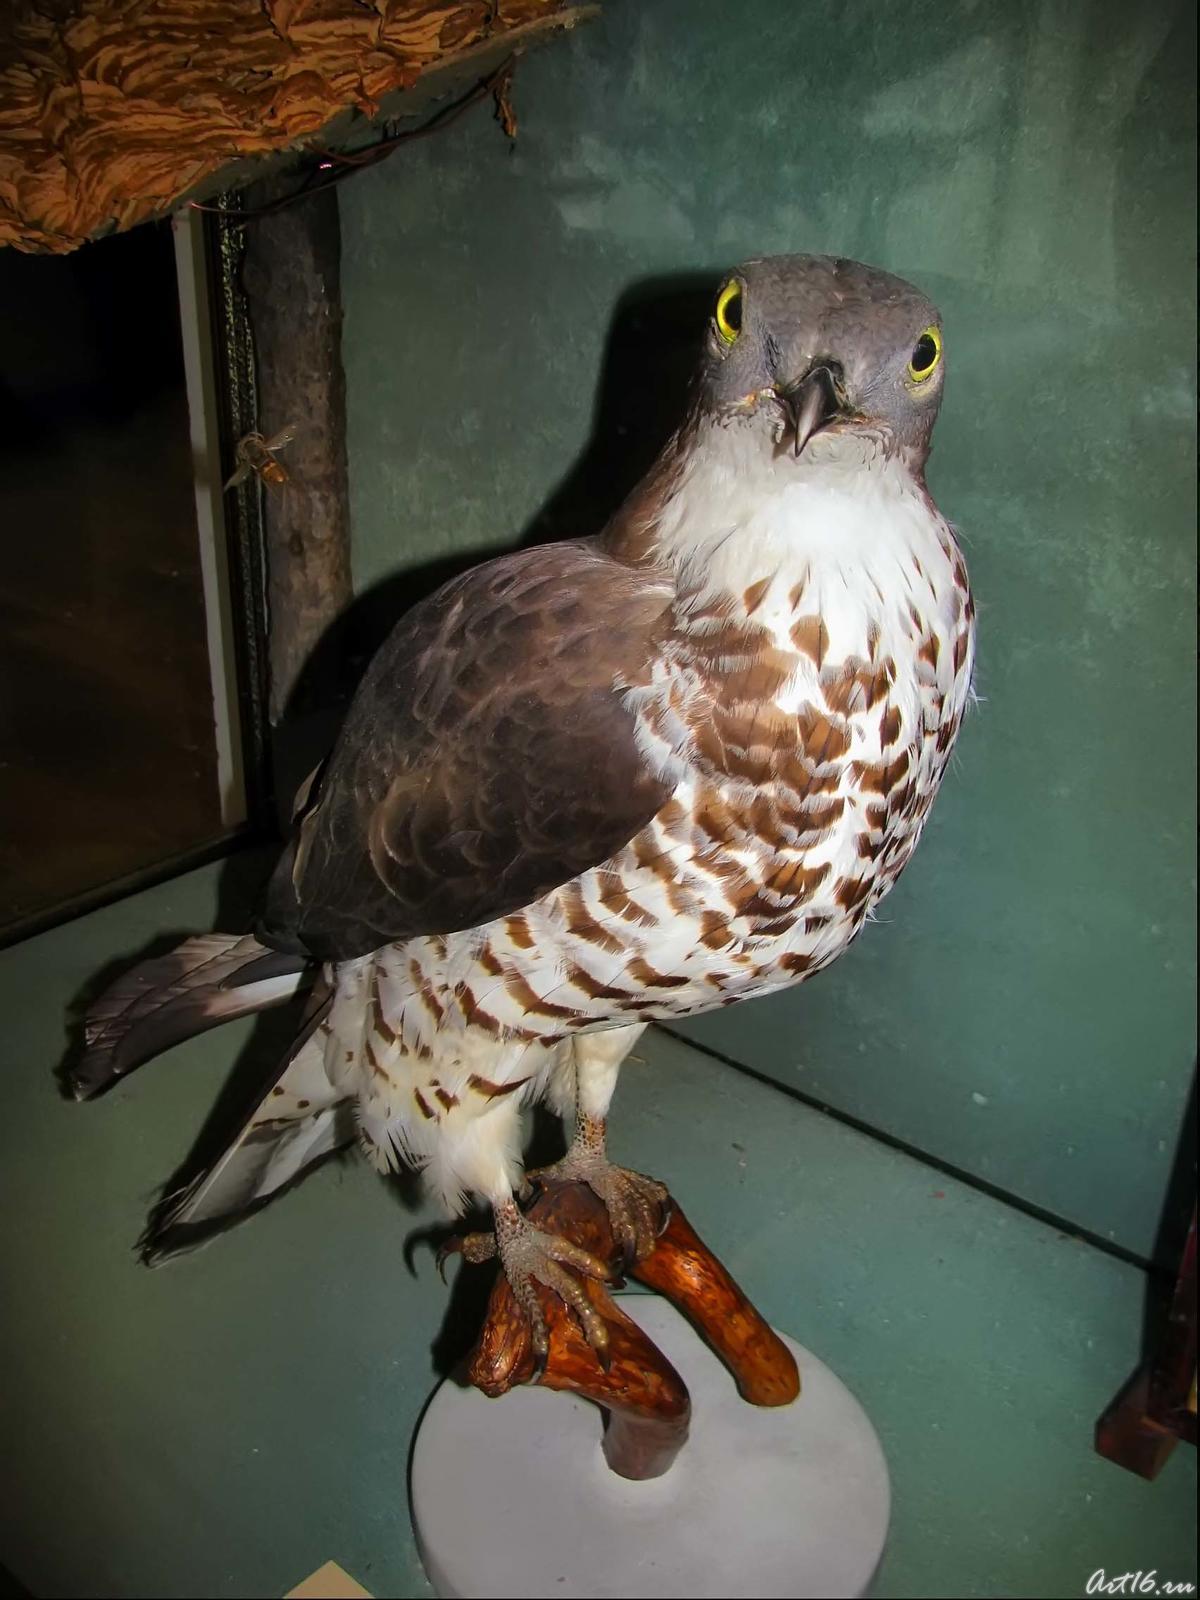 Фото №42314. Обыкновенный осоед — перелетная птица.